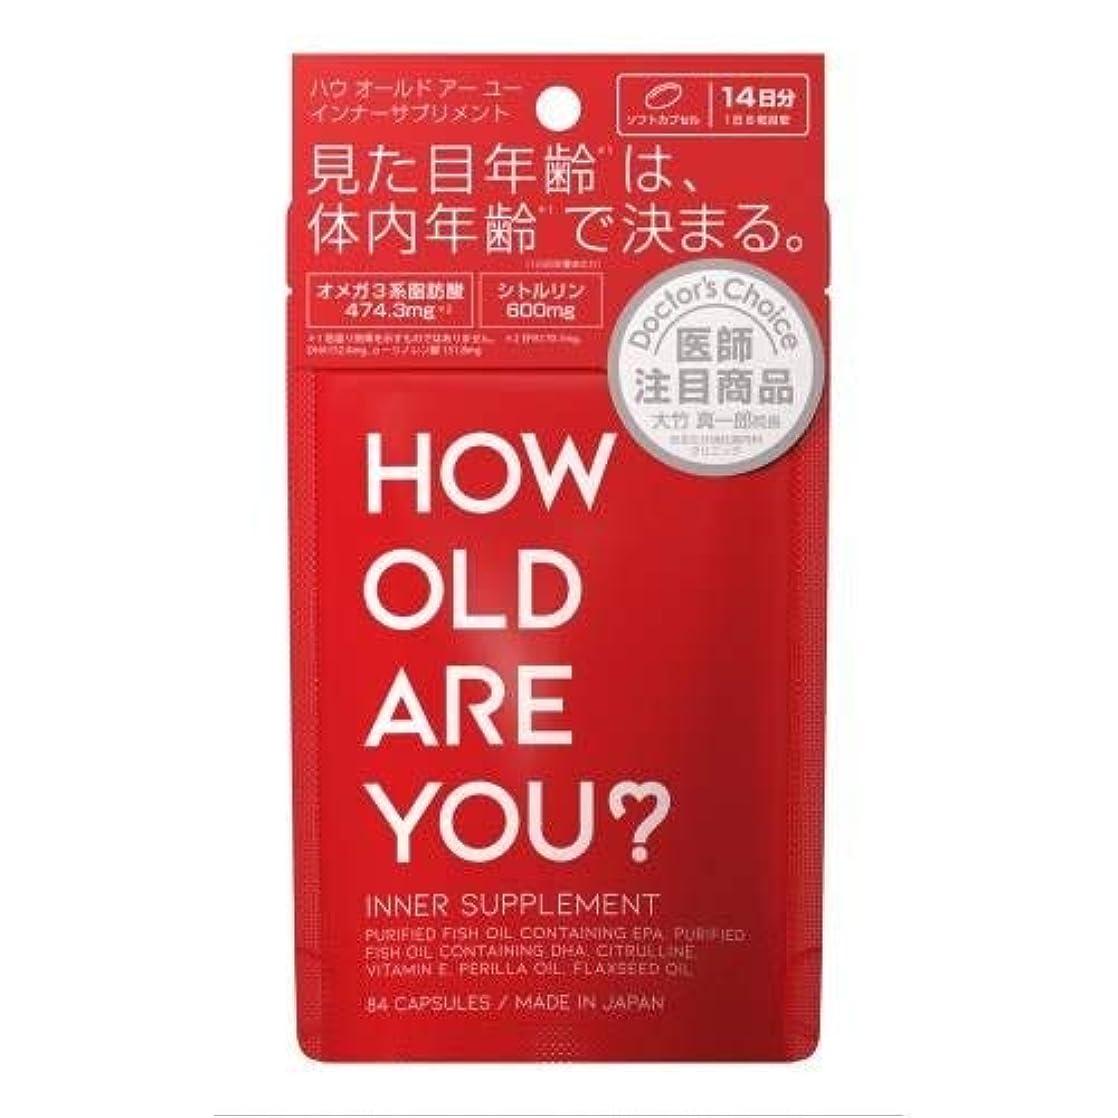 ワイン致命的な超える【4個セット】HOW OLD ARE YOU?インナーサプリメント 84粒